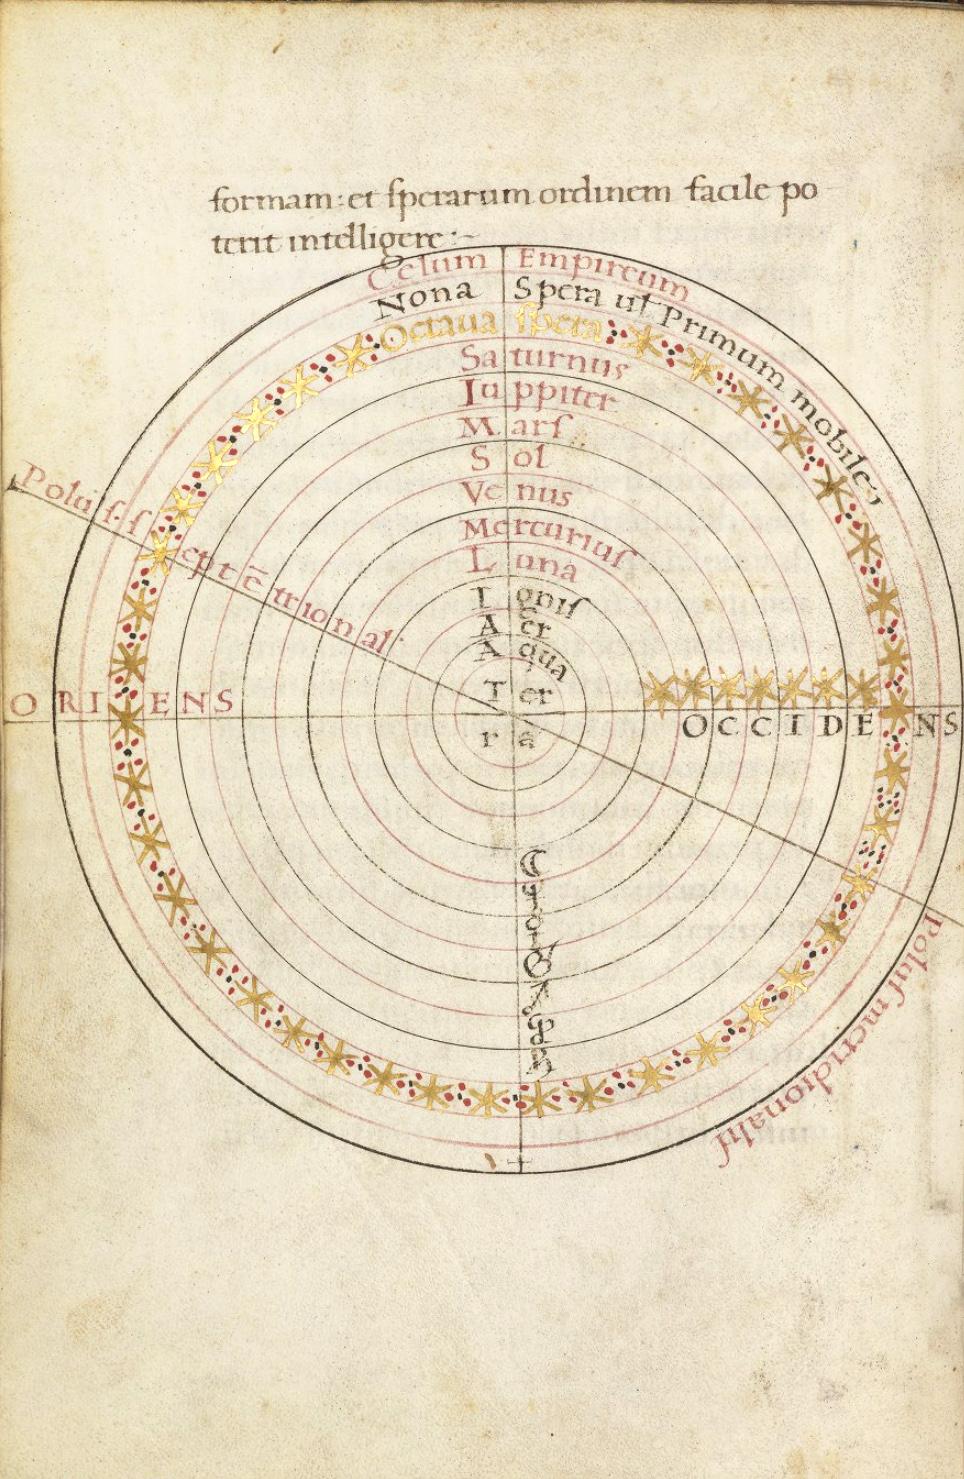 Napoli Aragonese | Compendio di Astrologia di Proliano, foglio 58